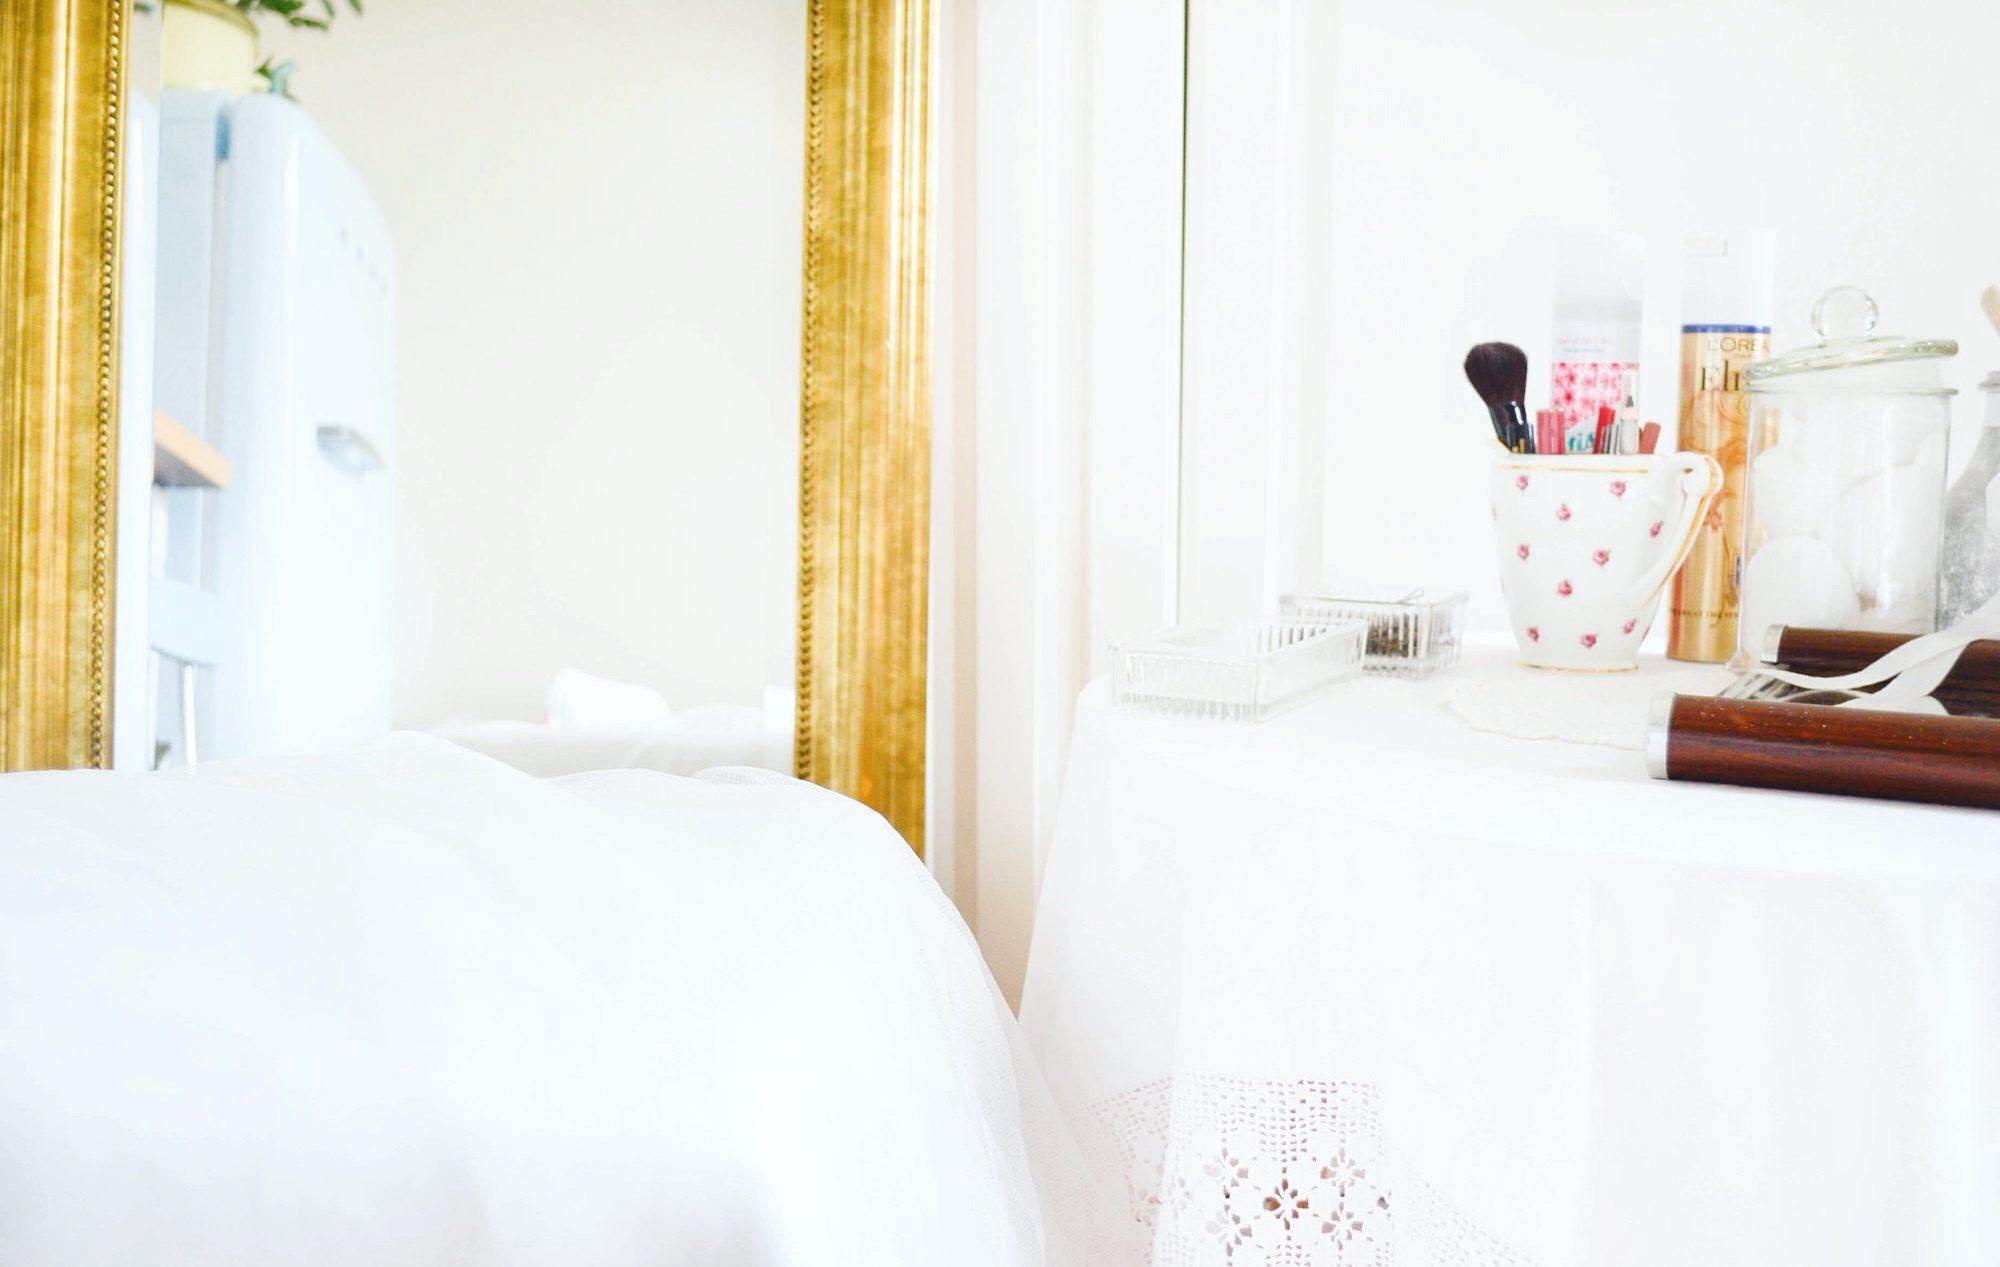 miroir salon coiffure baroque bal de versailles